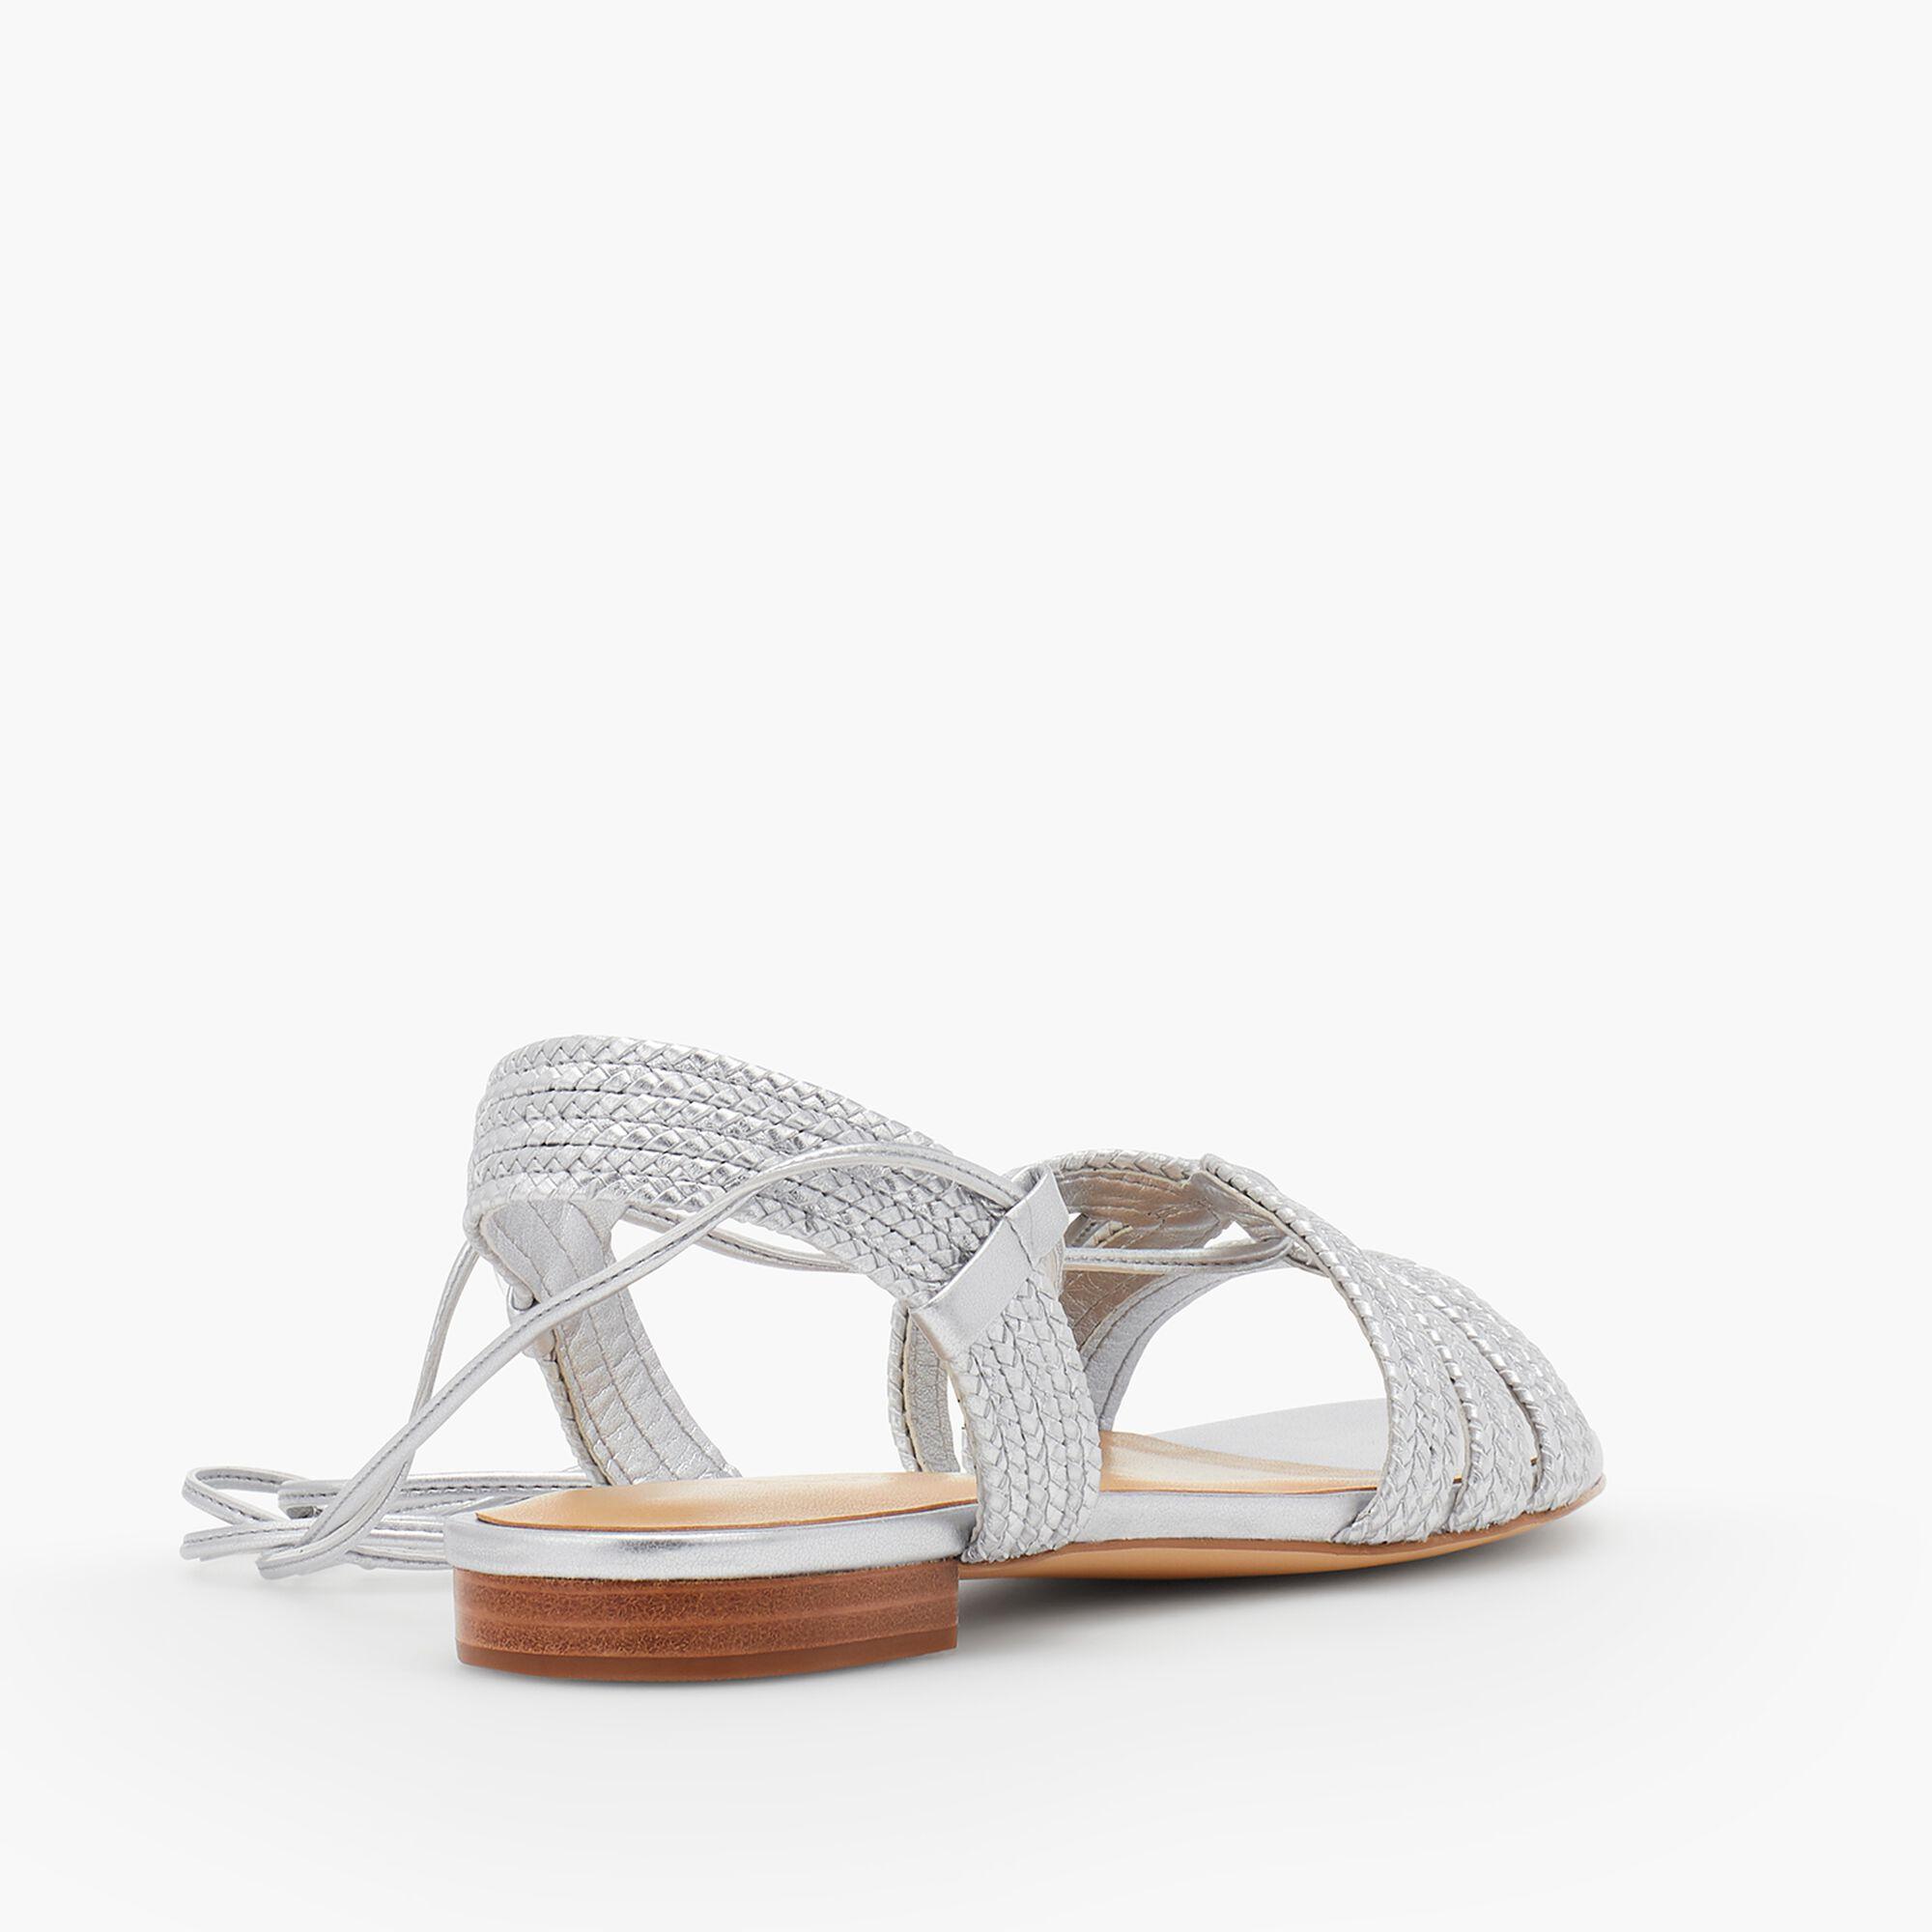 df39522b5d3b Keri Braided Lace-Up Sandals-Metallic